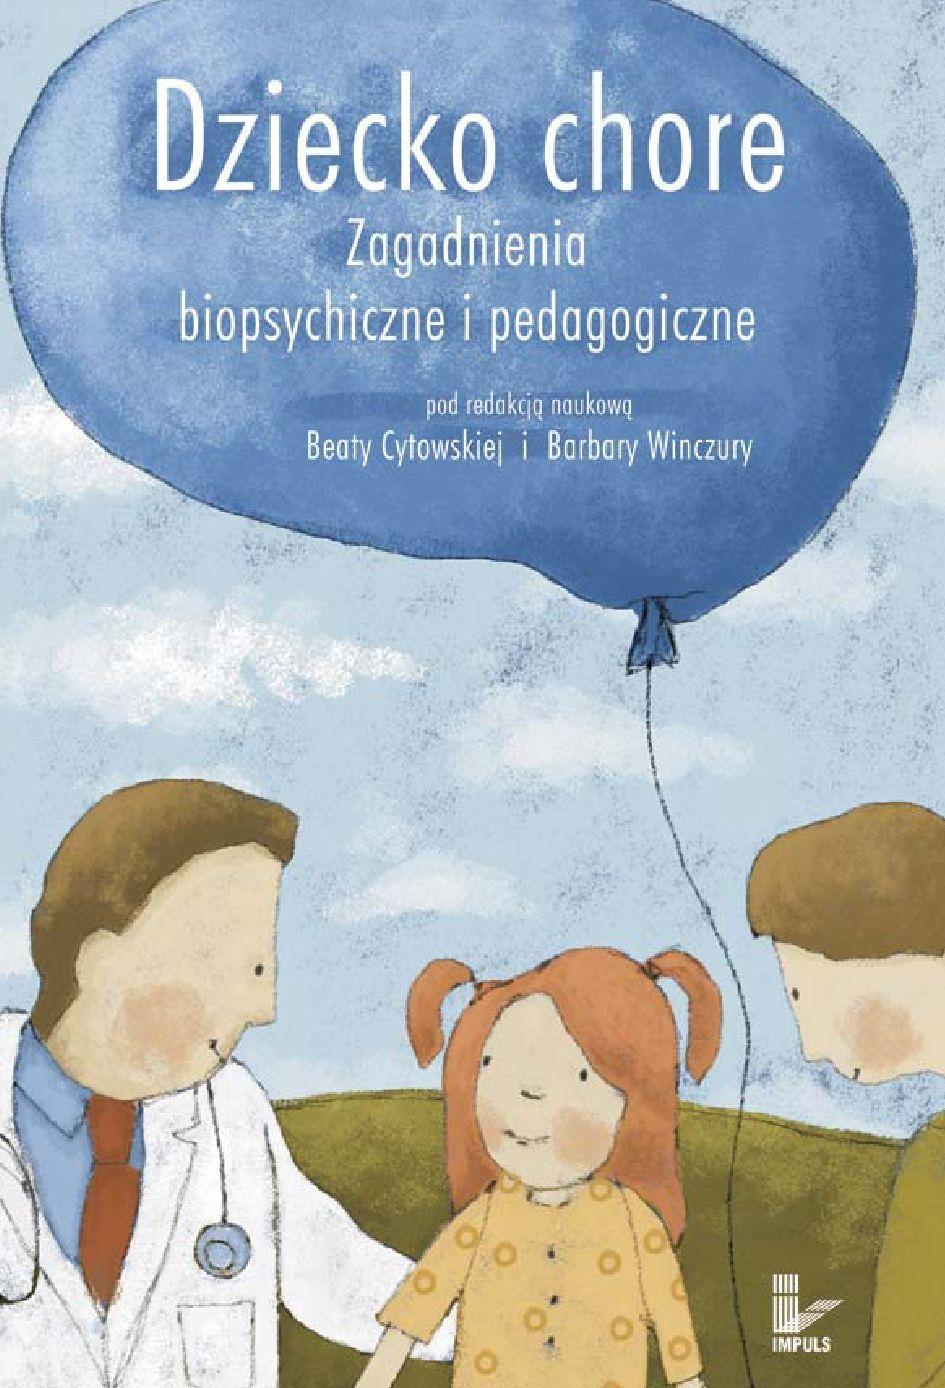 Dziecko chore - Ebook (Książka EPUB) do pobrania w formacie EPUB